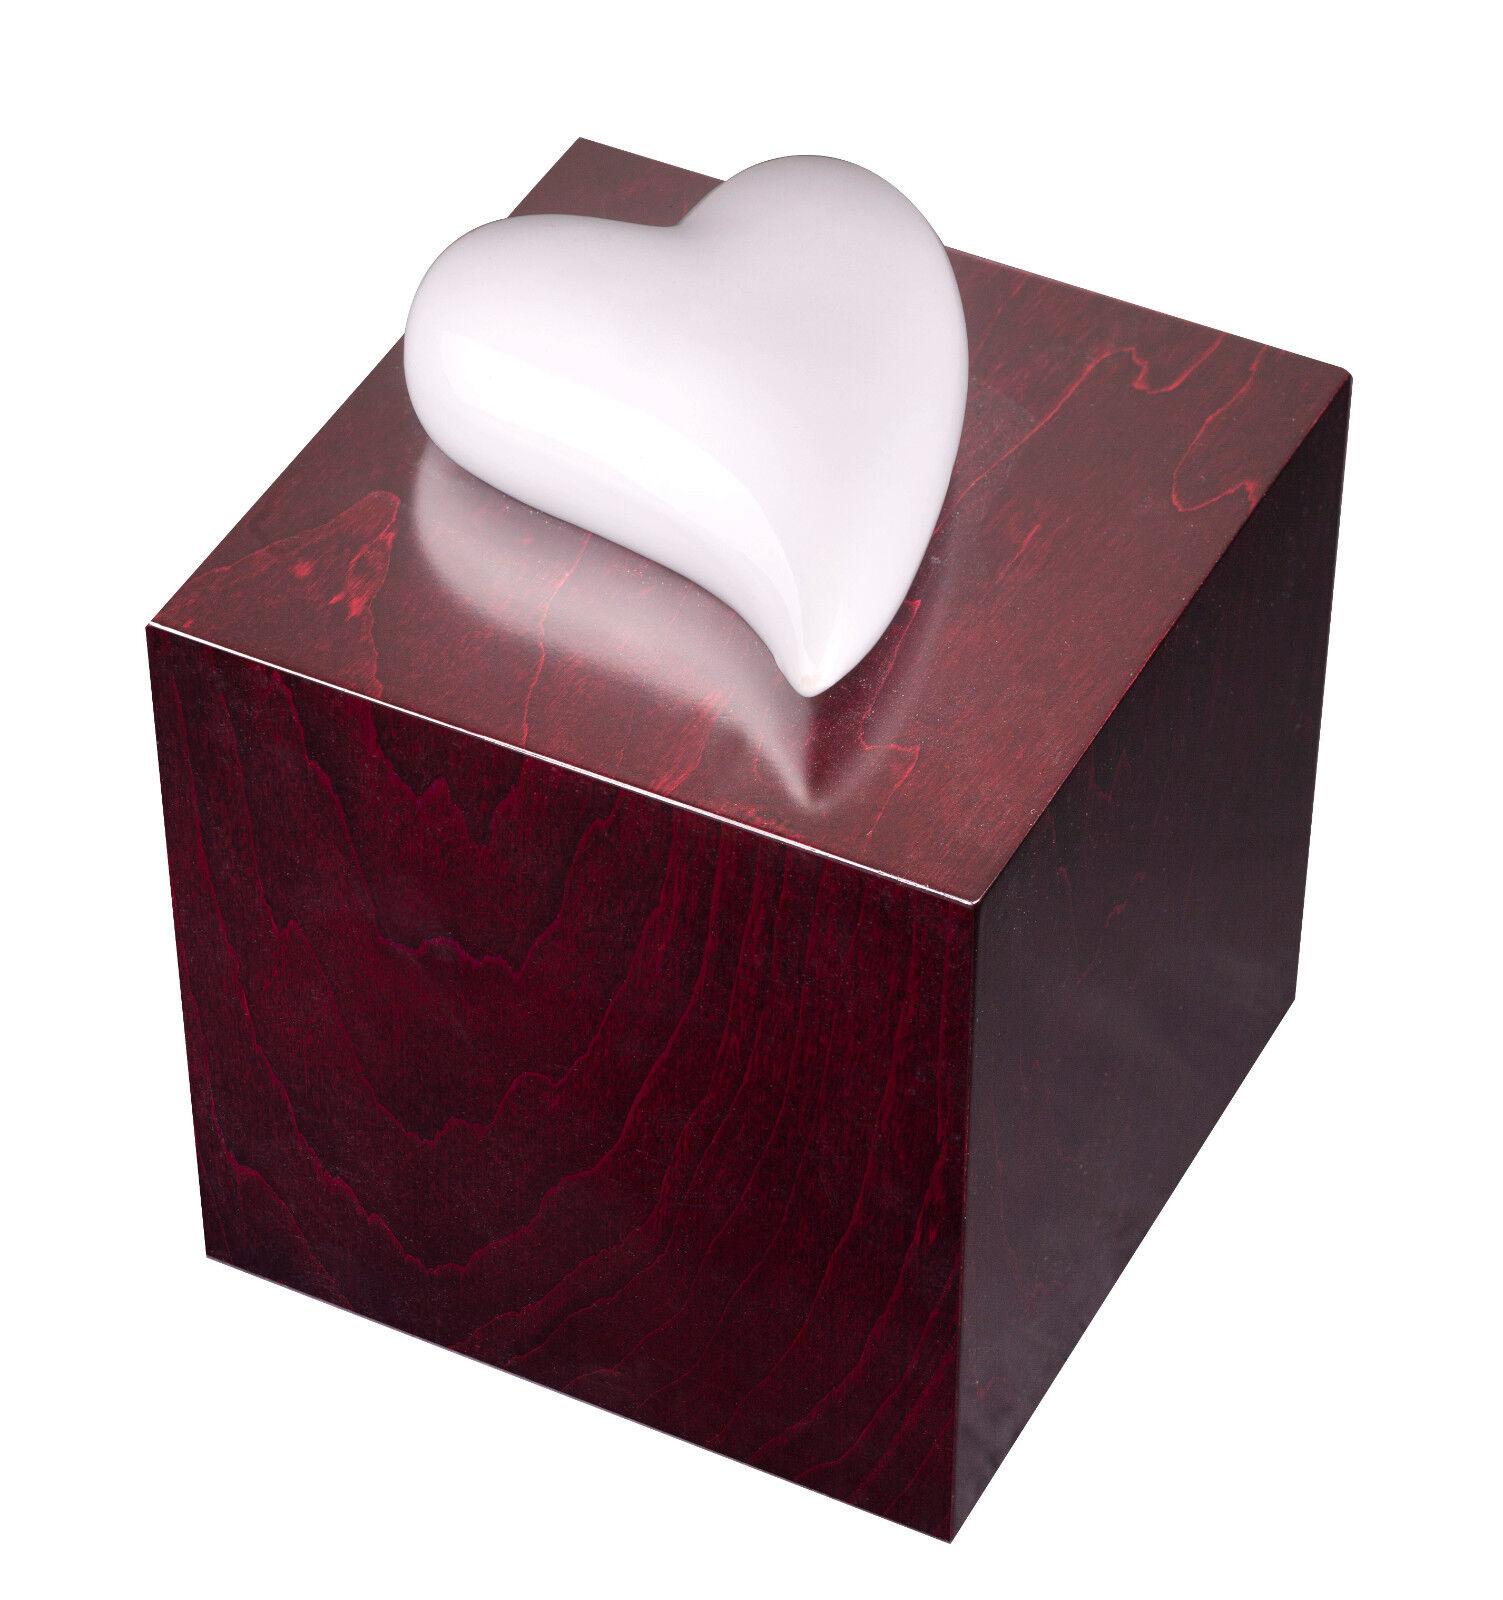 Unico di design Urna Heart of Commemorazione cremazione per ceneri - adulto